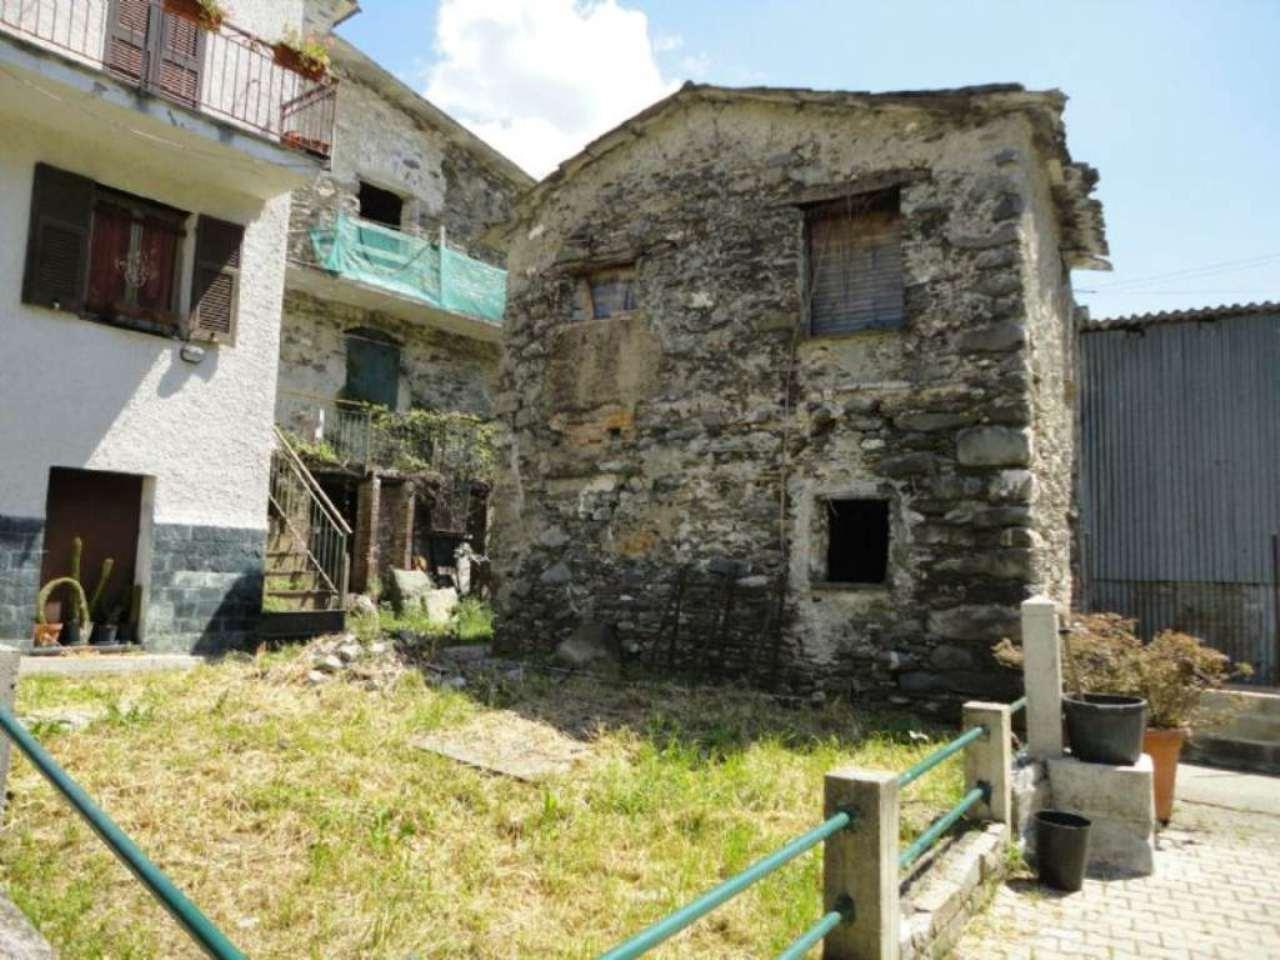 Rustico / Casale in vendita a Moconesi, 2 locali, prezzo € 15.000 | PortaleAgenzieImmobiliari.it